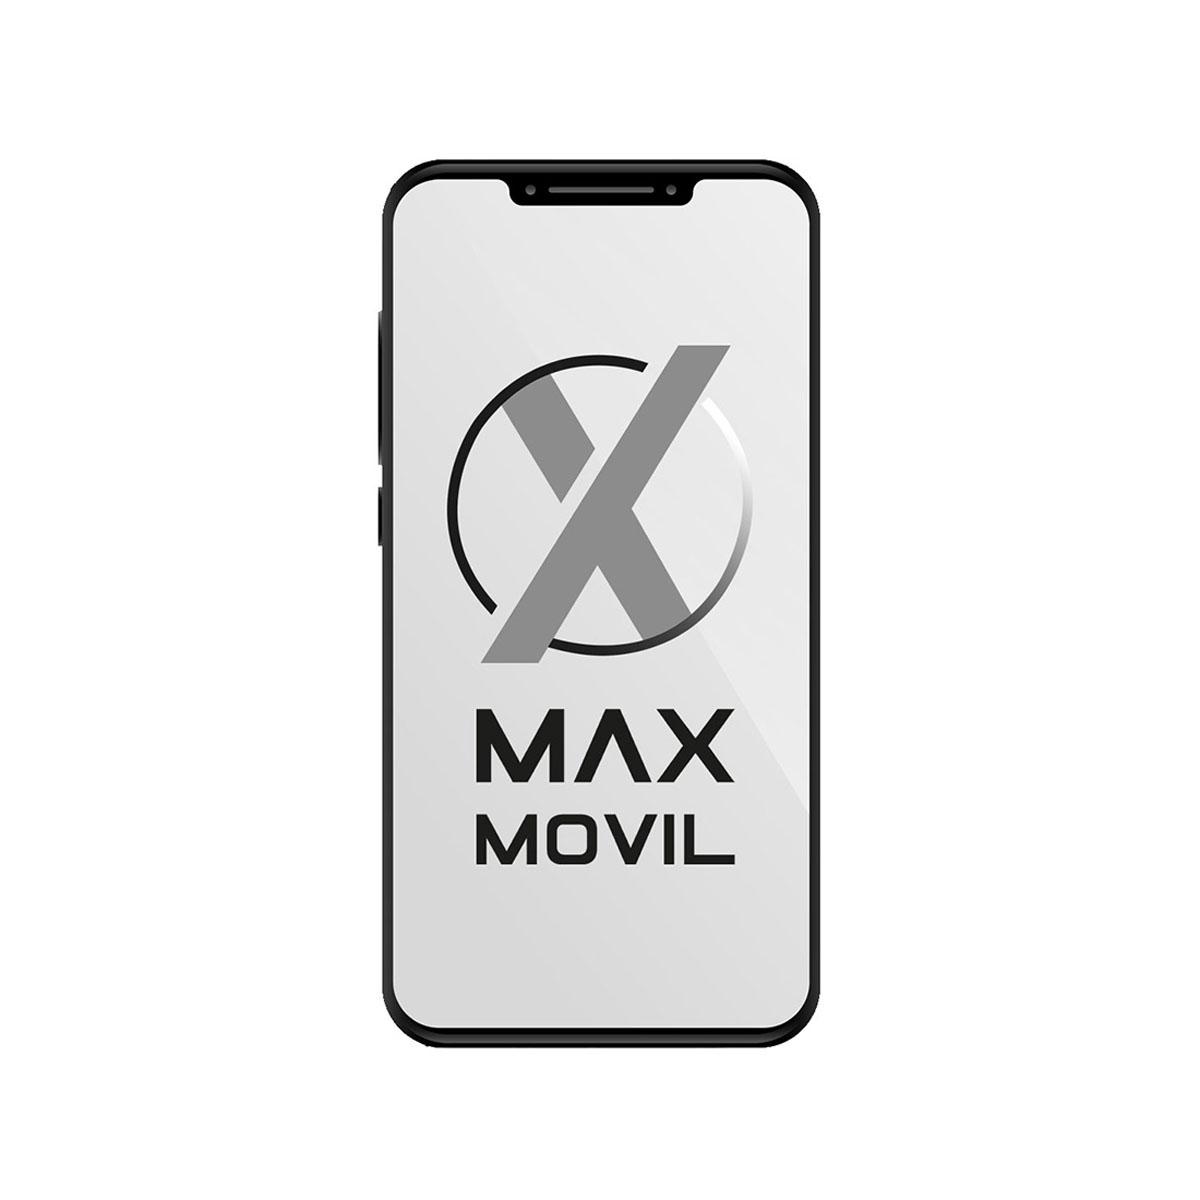 LG K9 2GB/16GB Negro Dual SIM LMX210